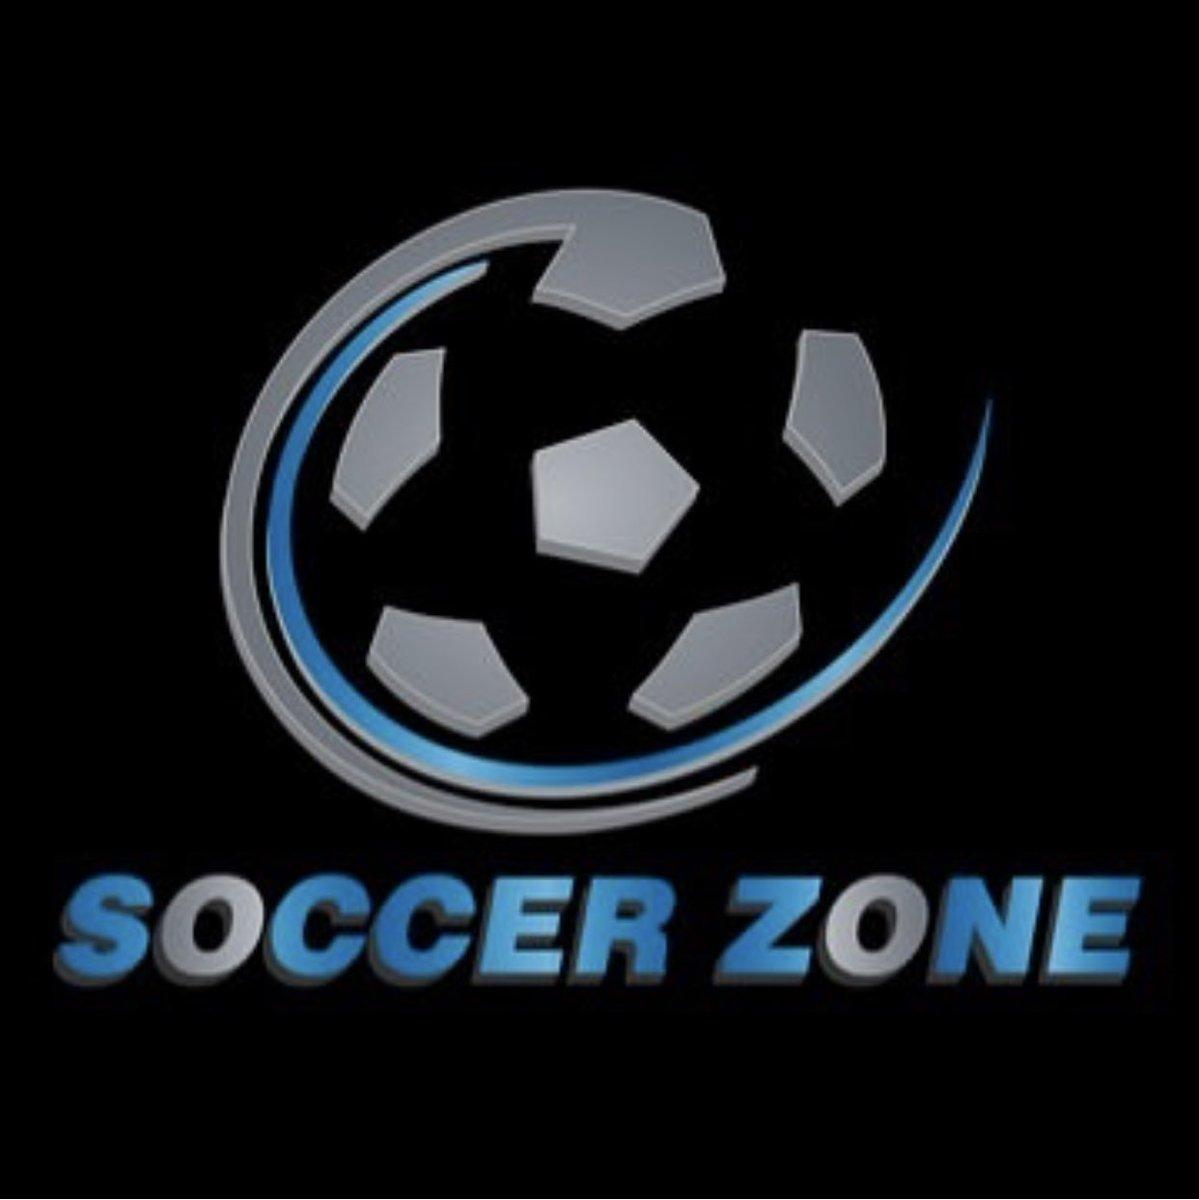 Soccer Zone Halesowen Soccerzoneh Twitter